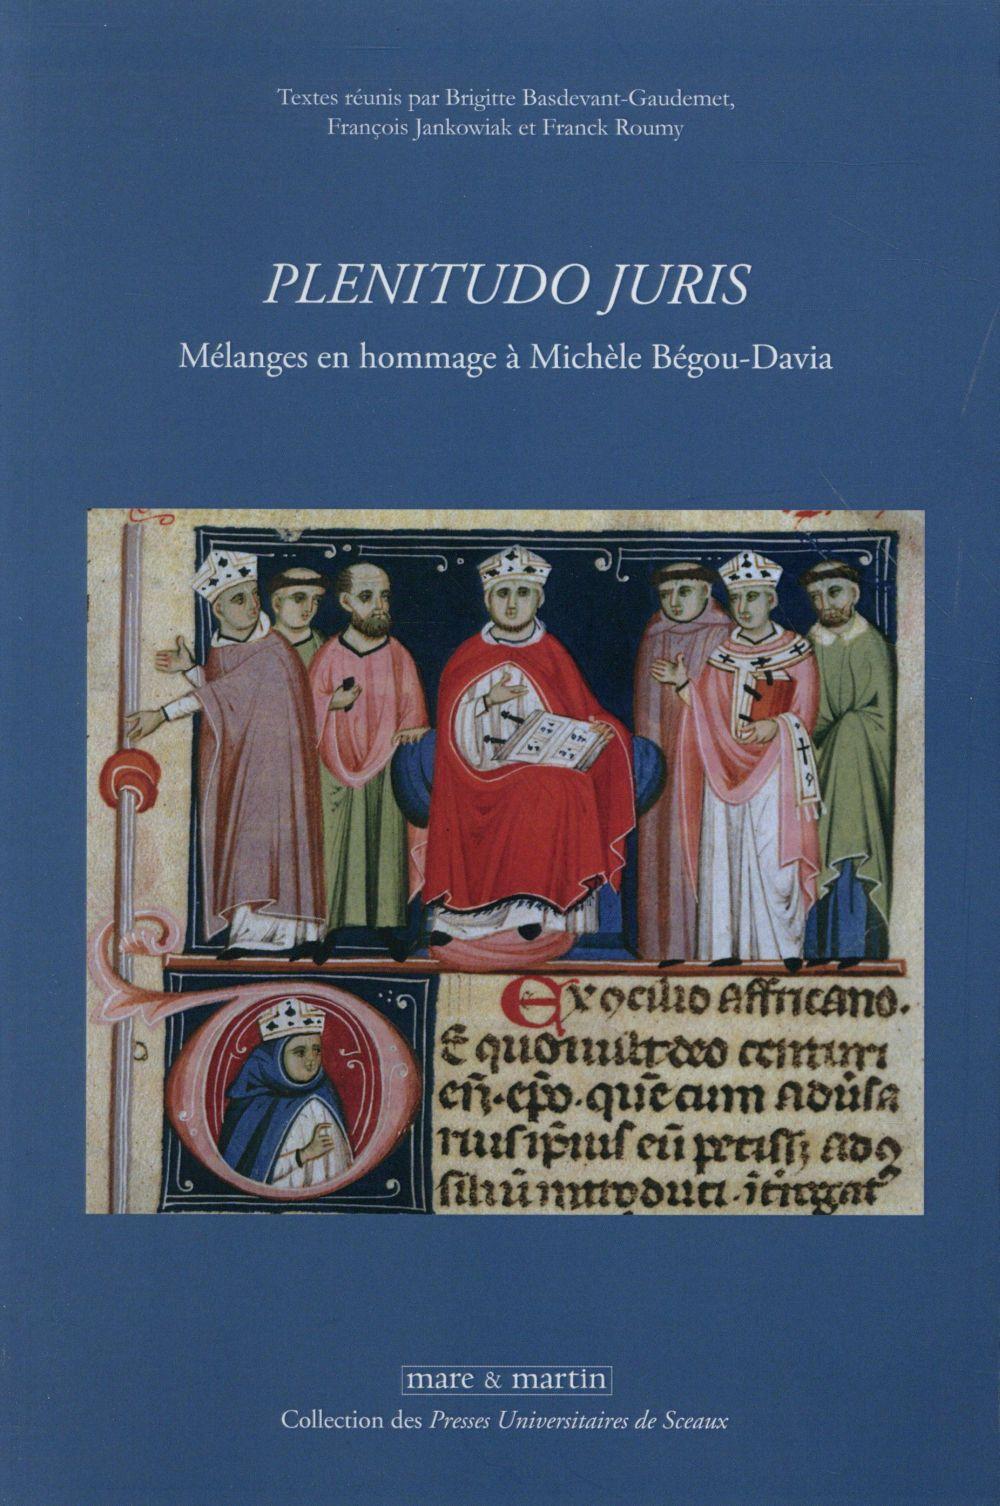 Plenitudo juris ; mélanges en hommage à Michèle Bégou-Davia